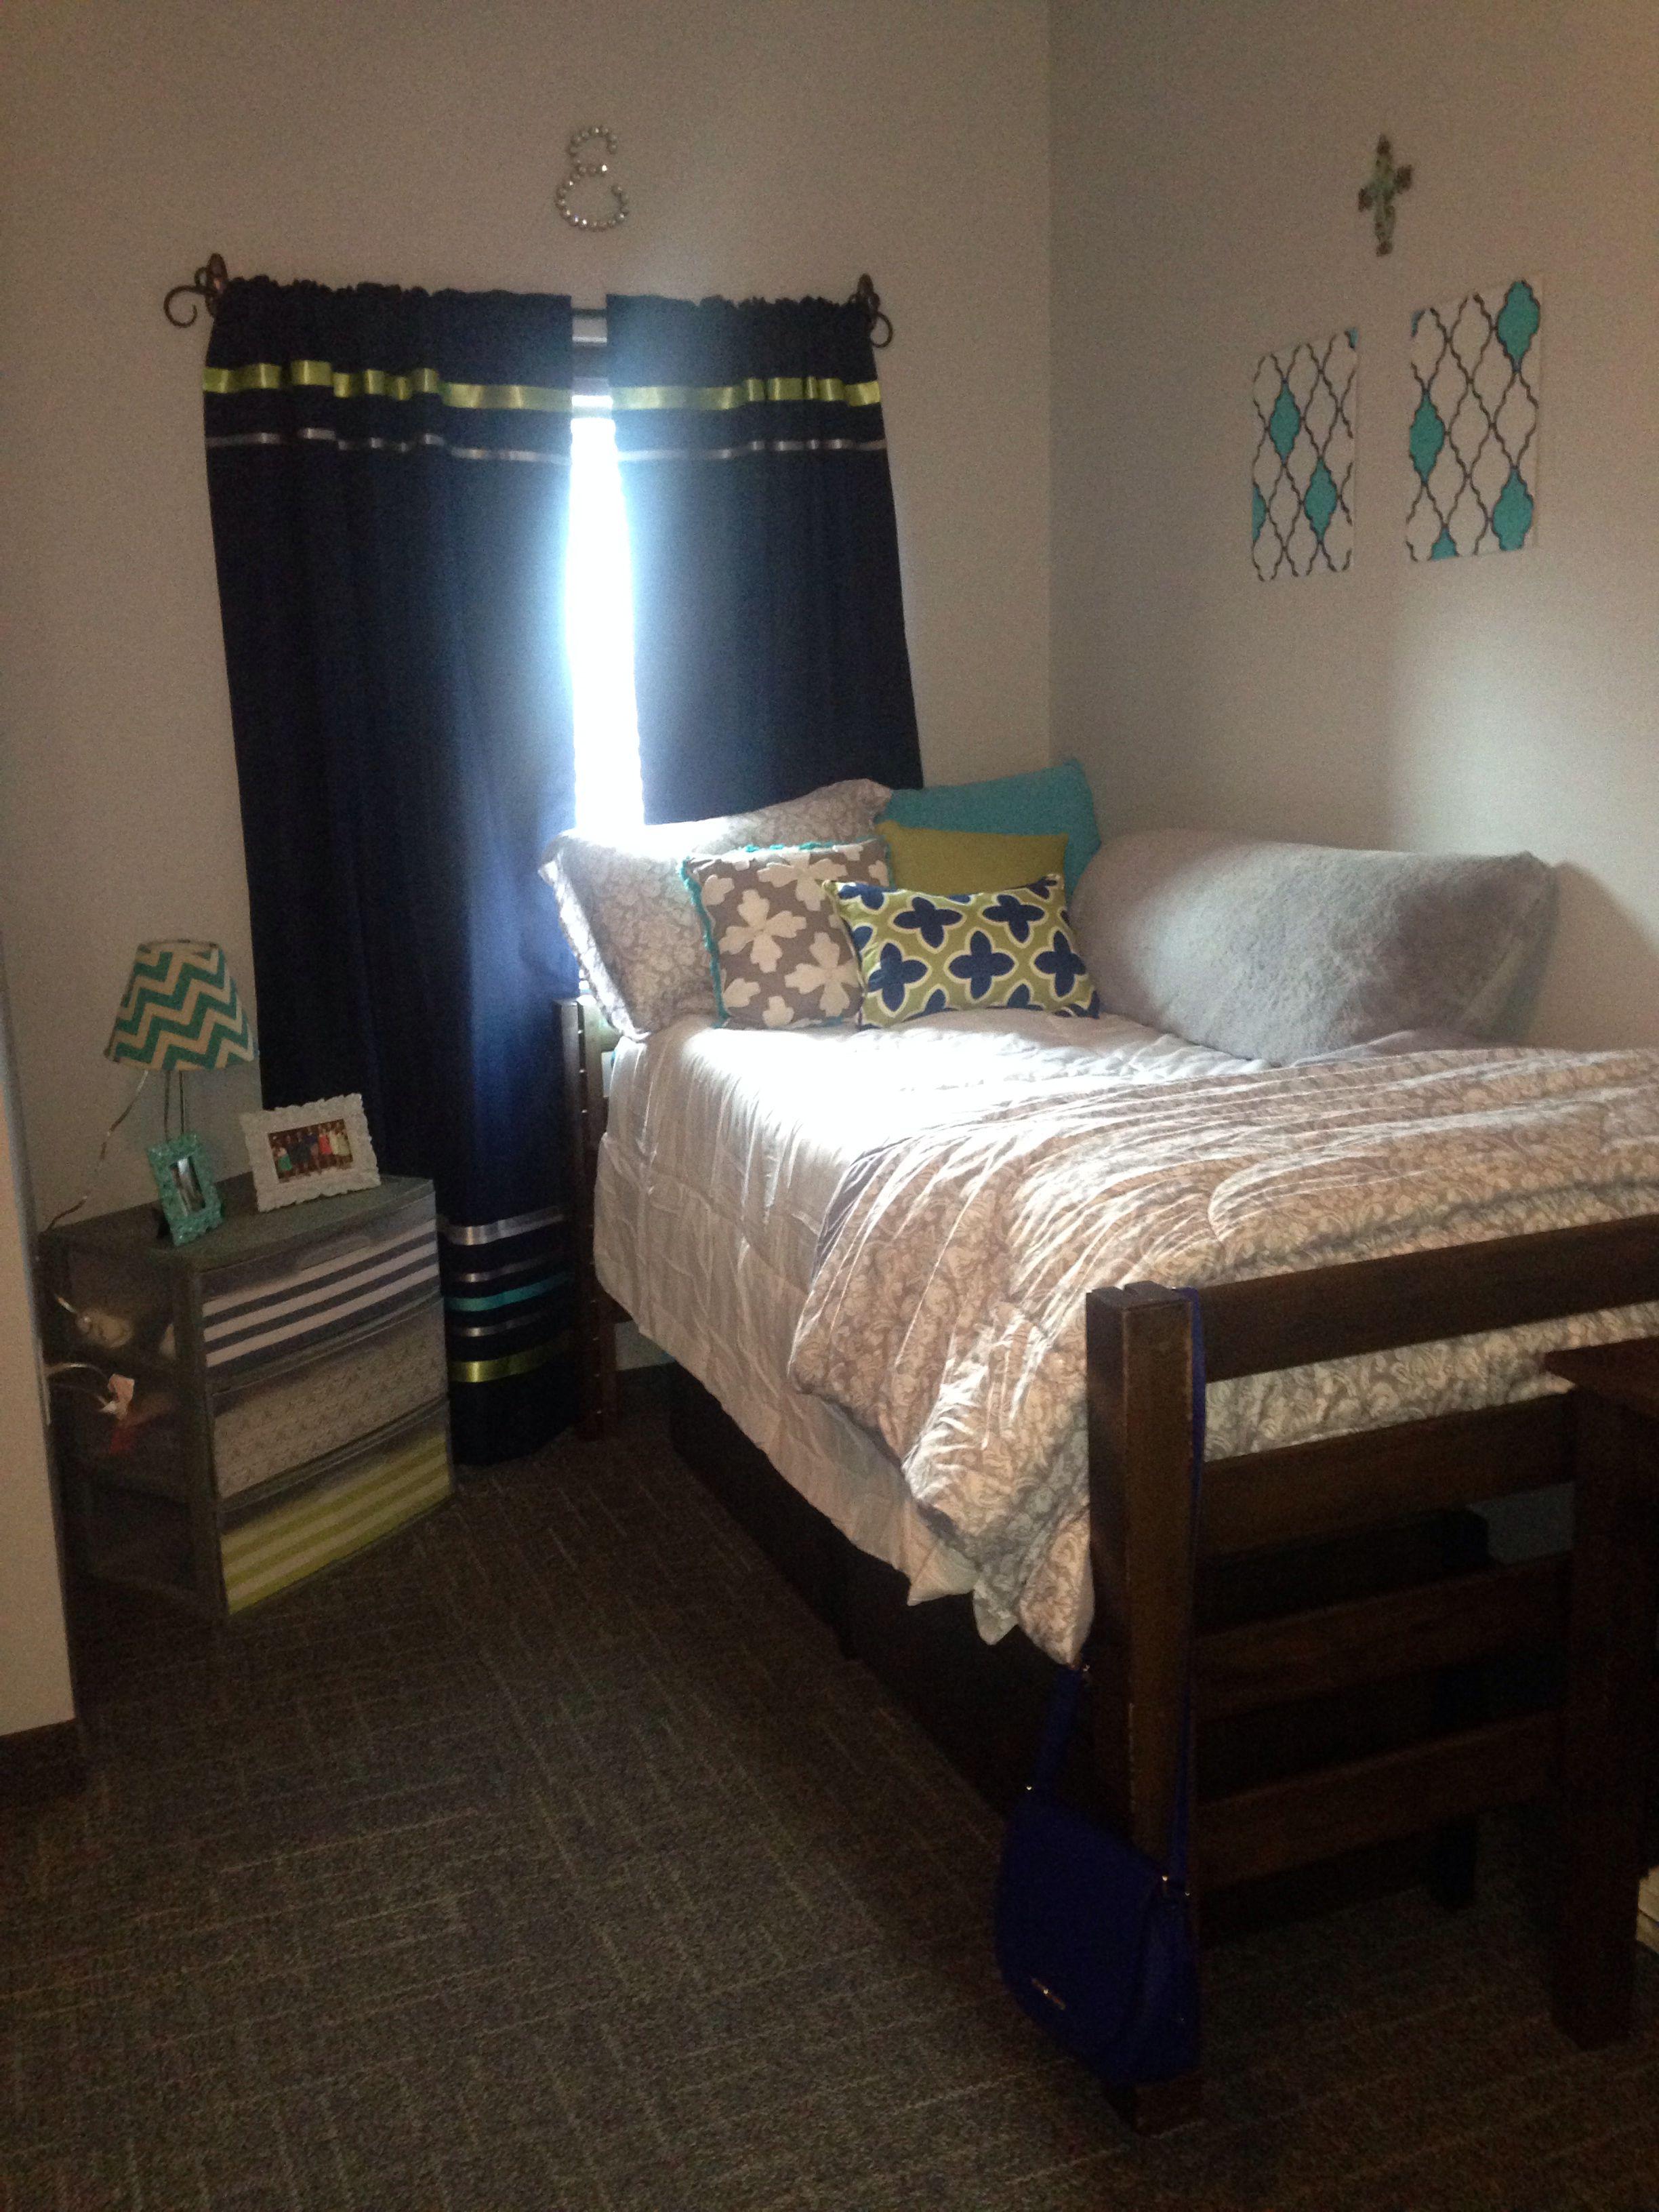 University Of Kentucky Dorm Room In 2019 Dorm Room